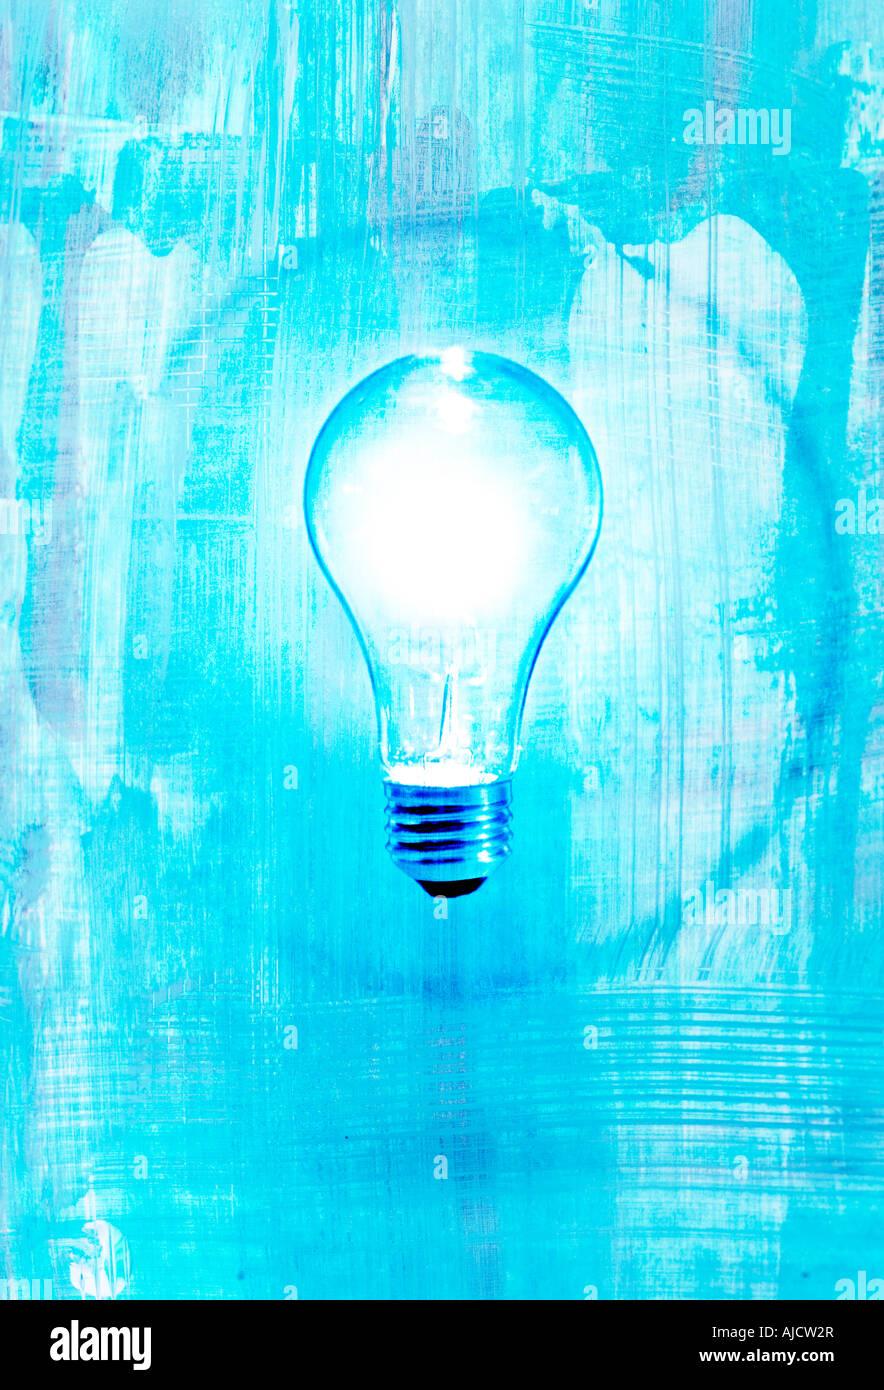 Luce brillante lampadina con sfondo blu e cerchio mostra idea o insight Immagini Stock